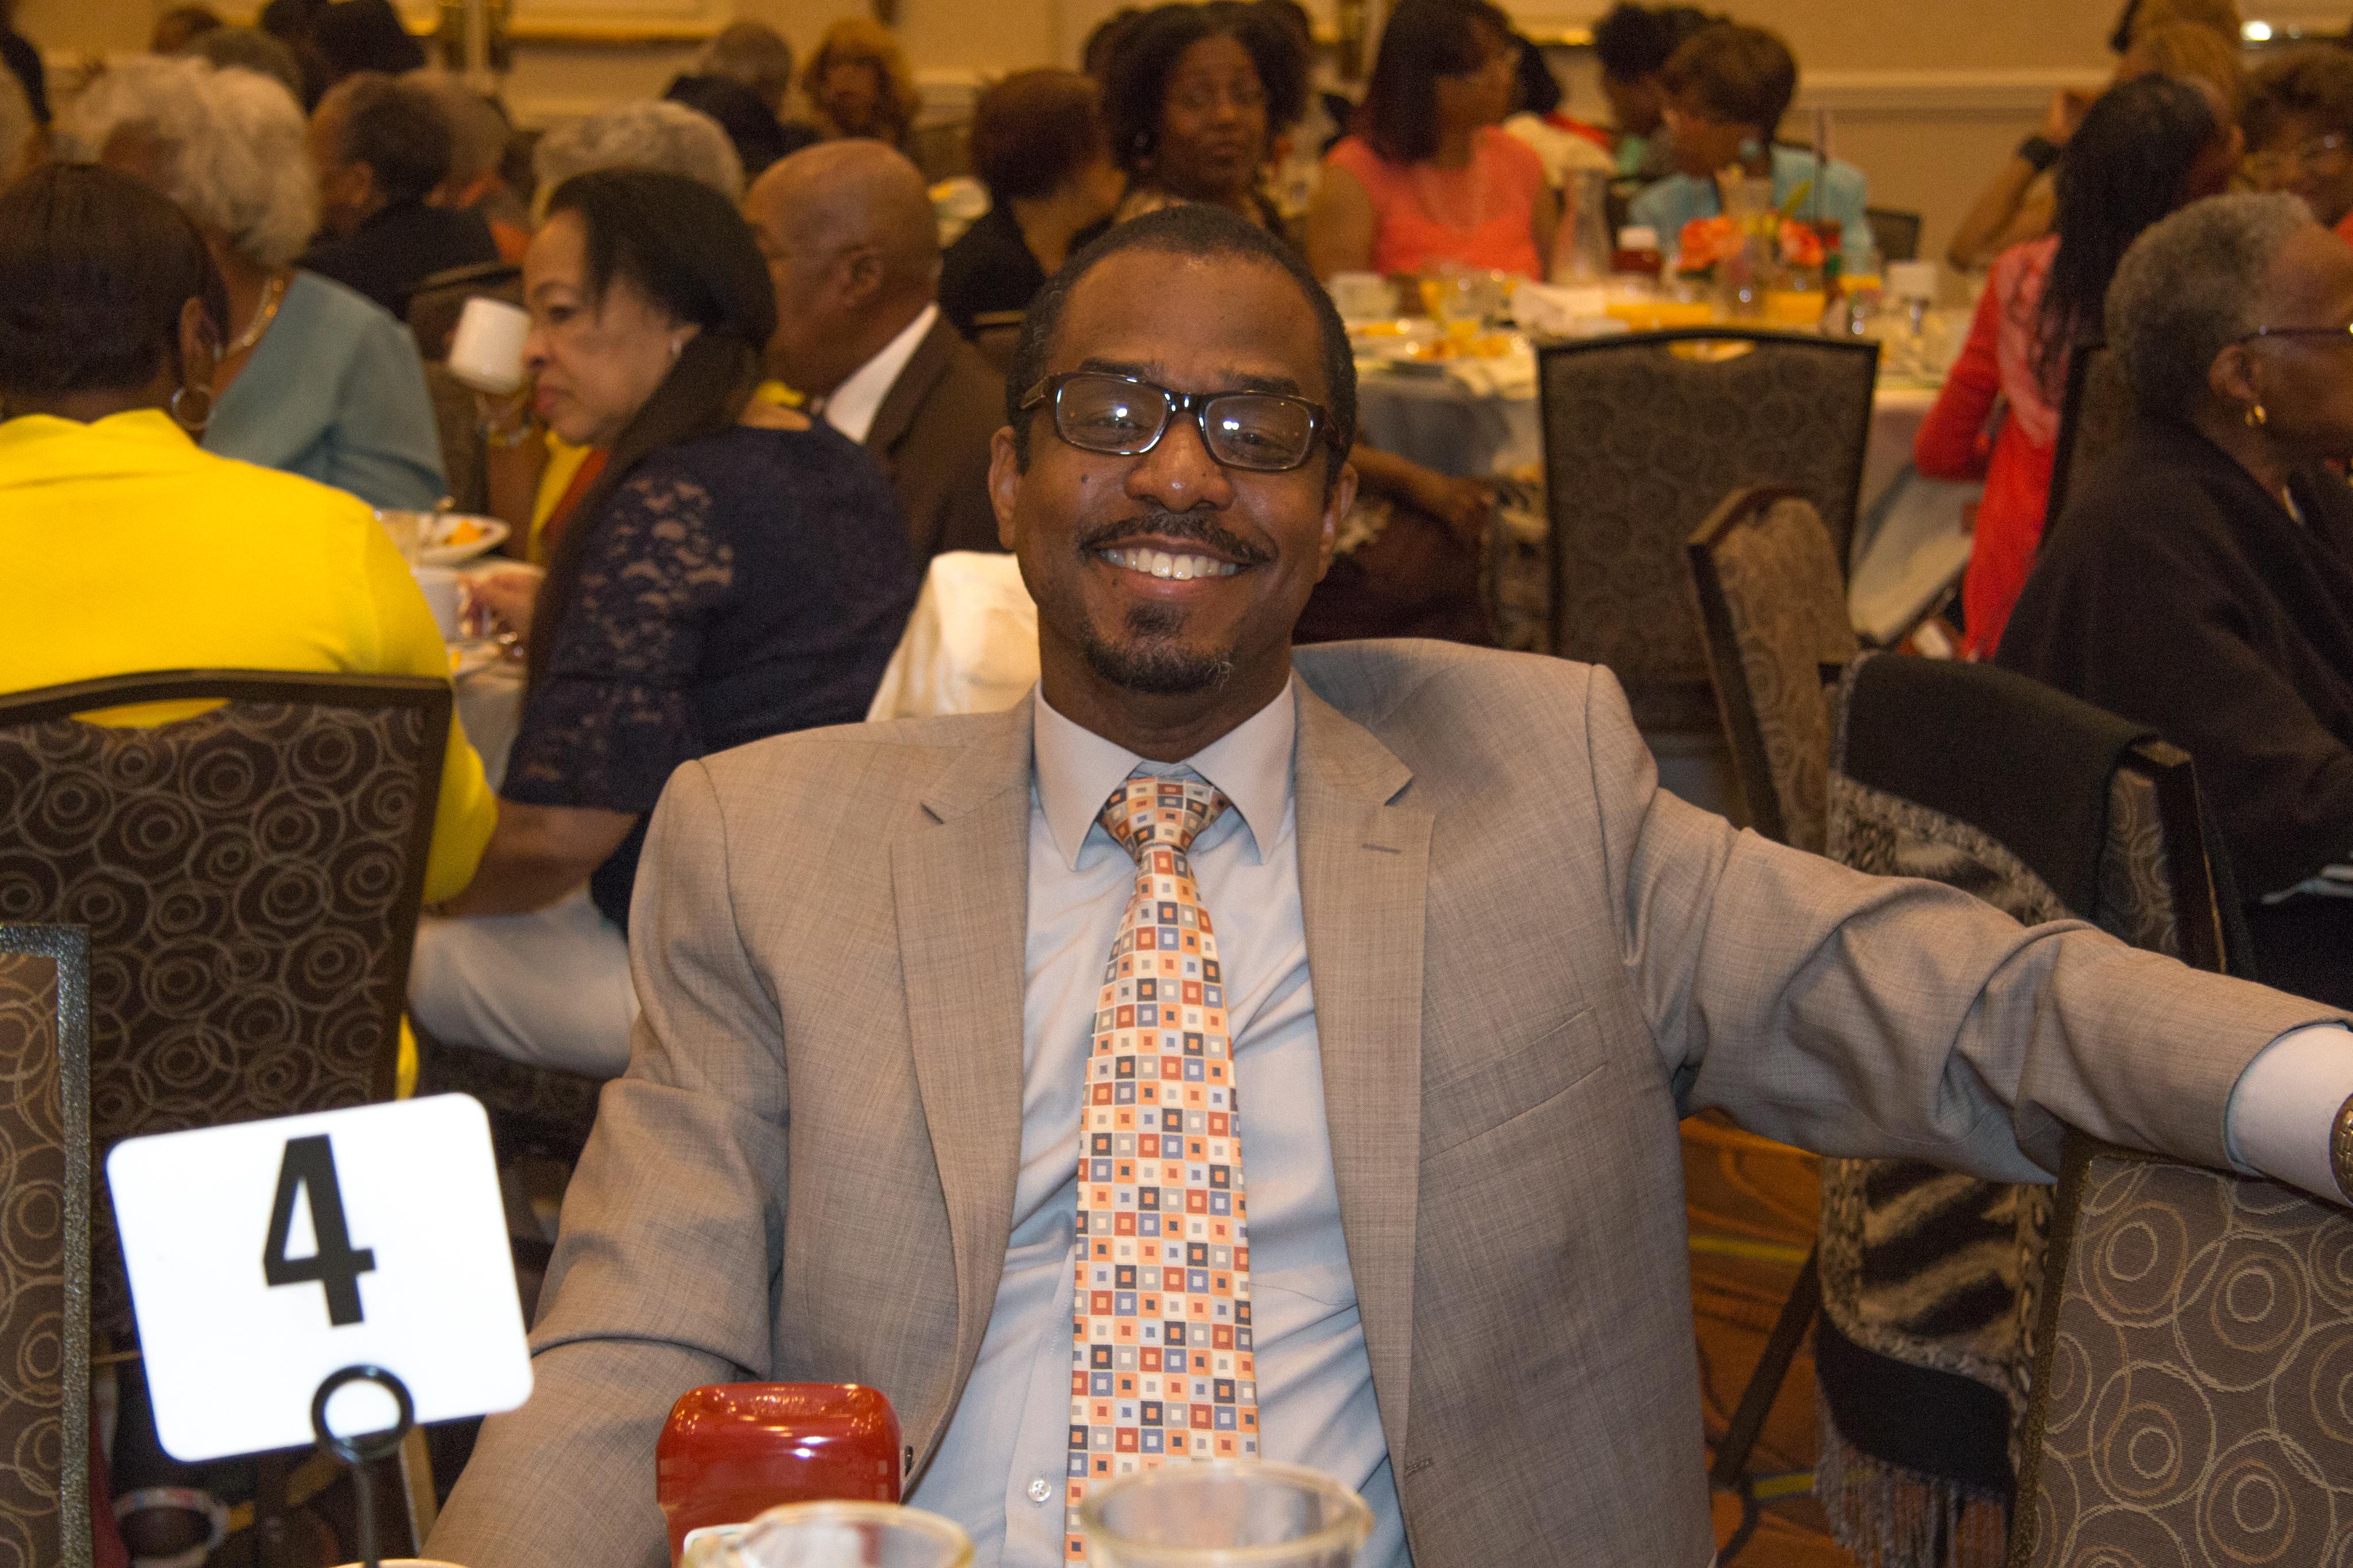 Pastor Porter